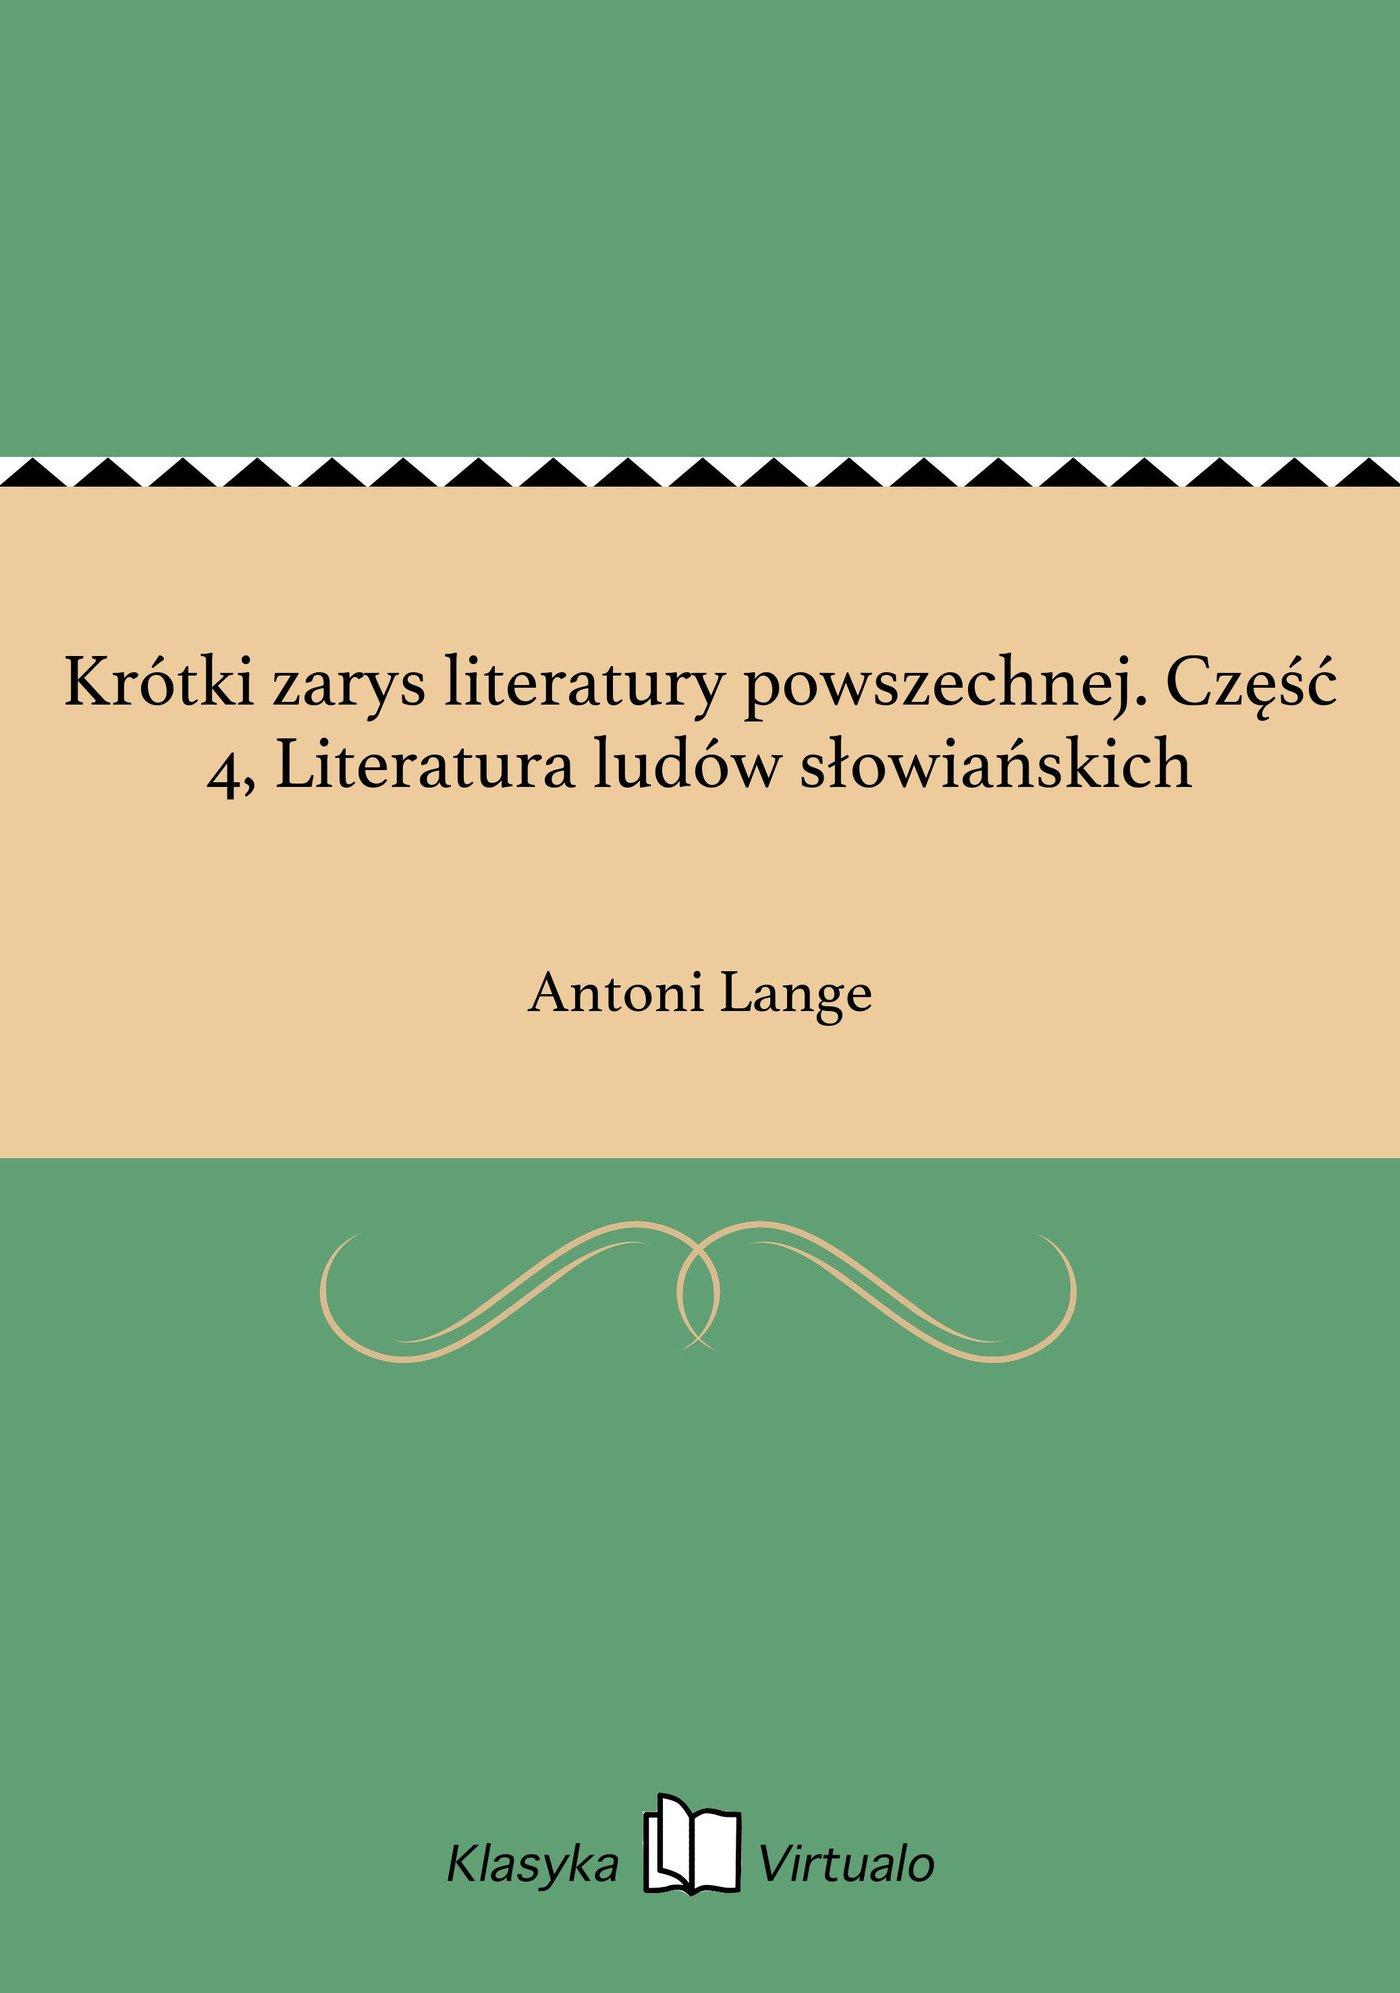 Krótki zarys literatury powszechnej. Część 4, Literatura ludów słowiańskich - Ebook (Książka EPUB) do pobrania w formacie EPUB